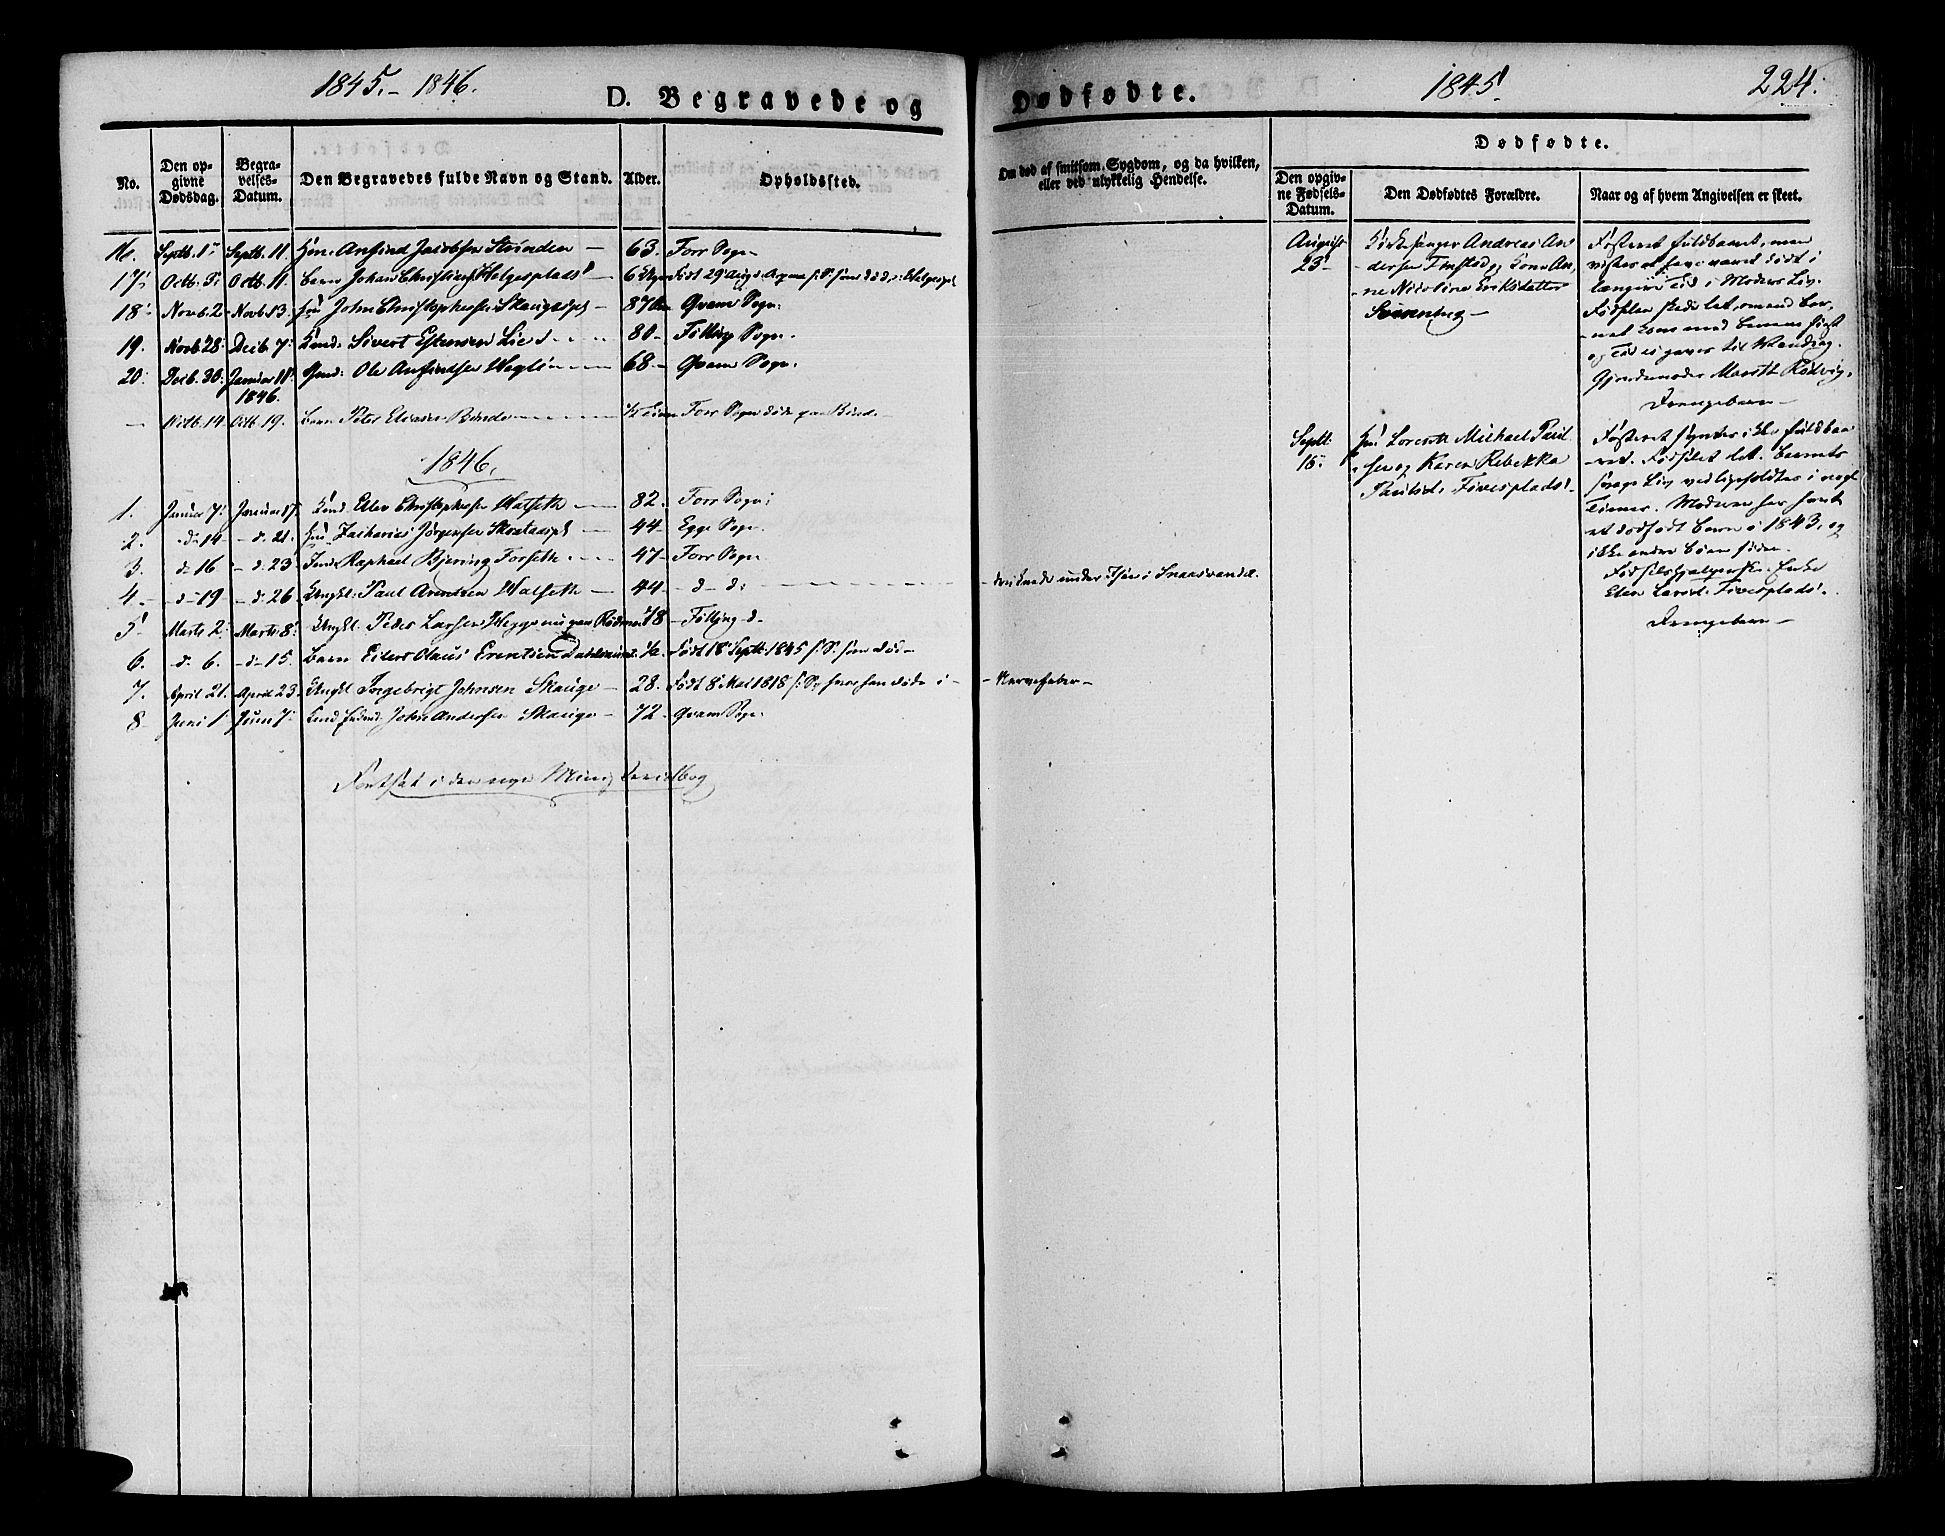 SAT, Ministerialprotokoller, klokkerbøker og fødselsregistre - Nord-Trøndelag, 746/L0445: Ministerialbok nr. 746A04, 1826-1846, s. 224